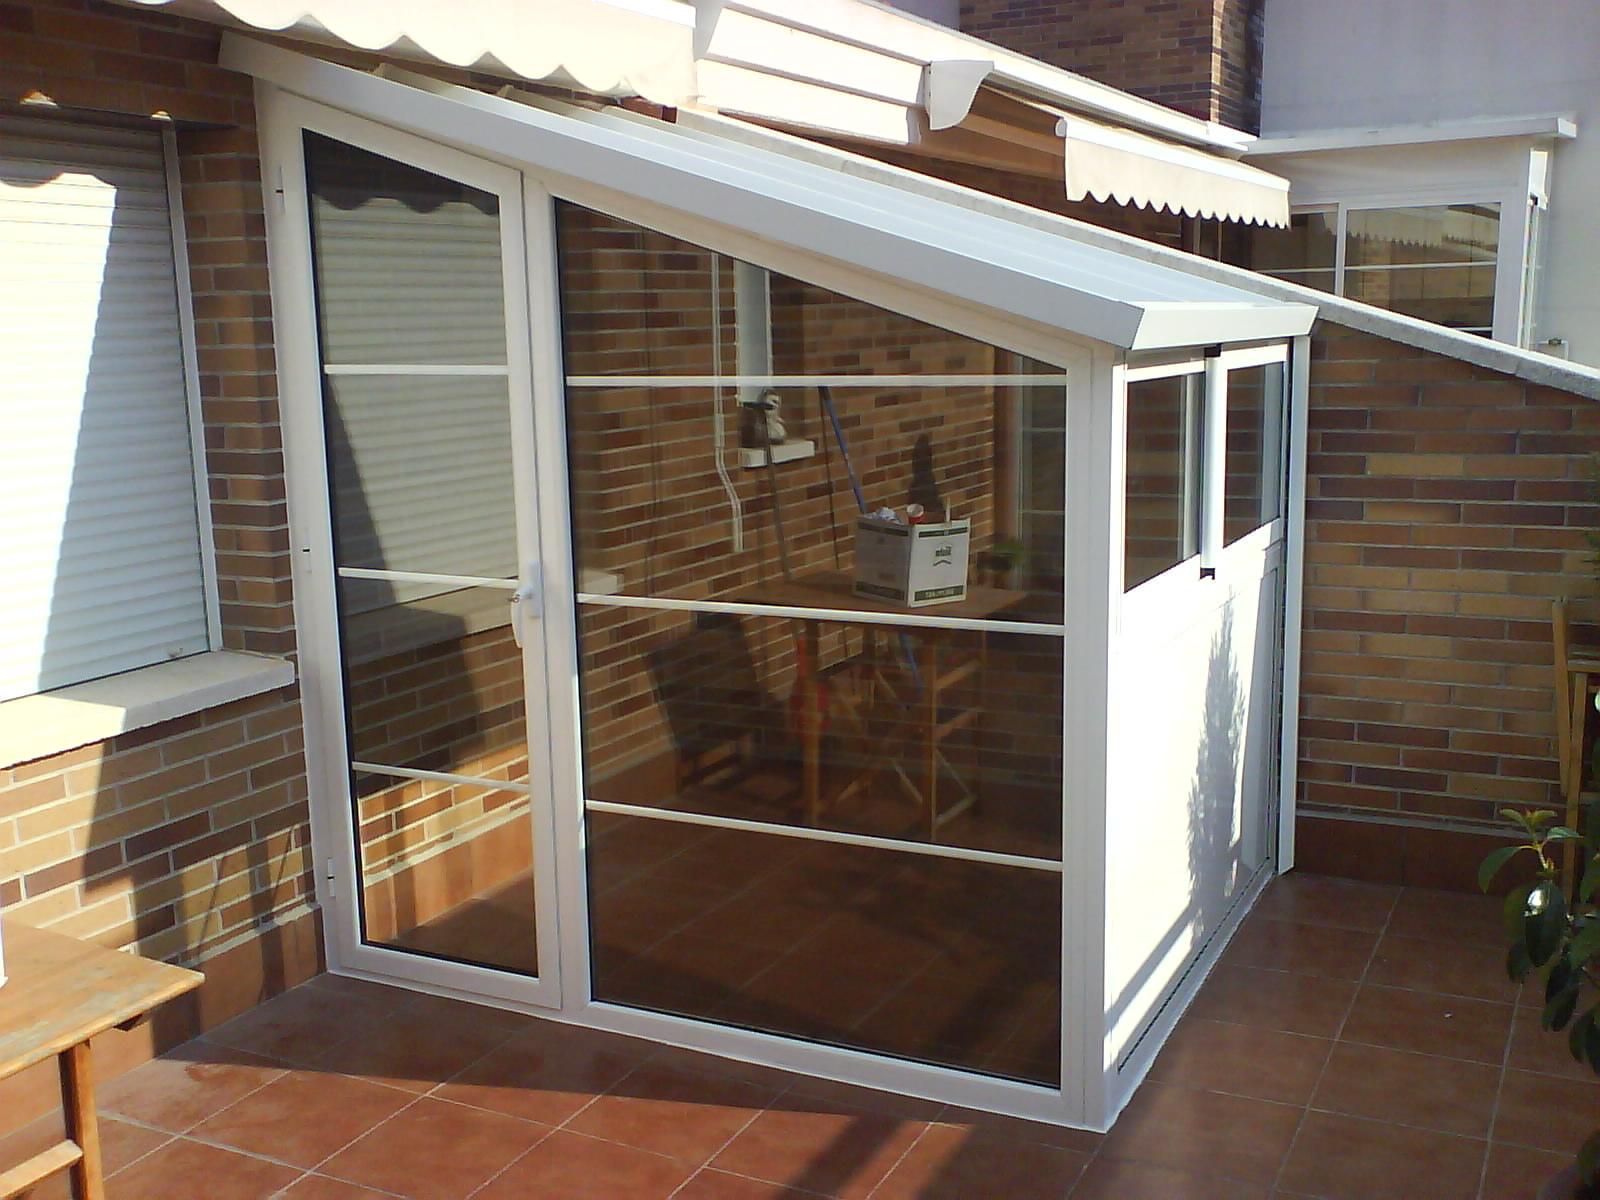 Cerramiento de aluminio tipo caseta de exterior terraza en for Caseta jardin segunda mano barcelona